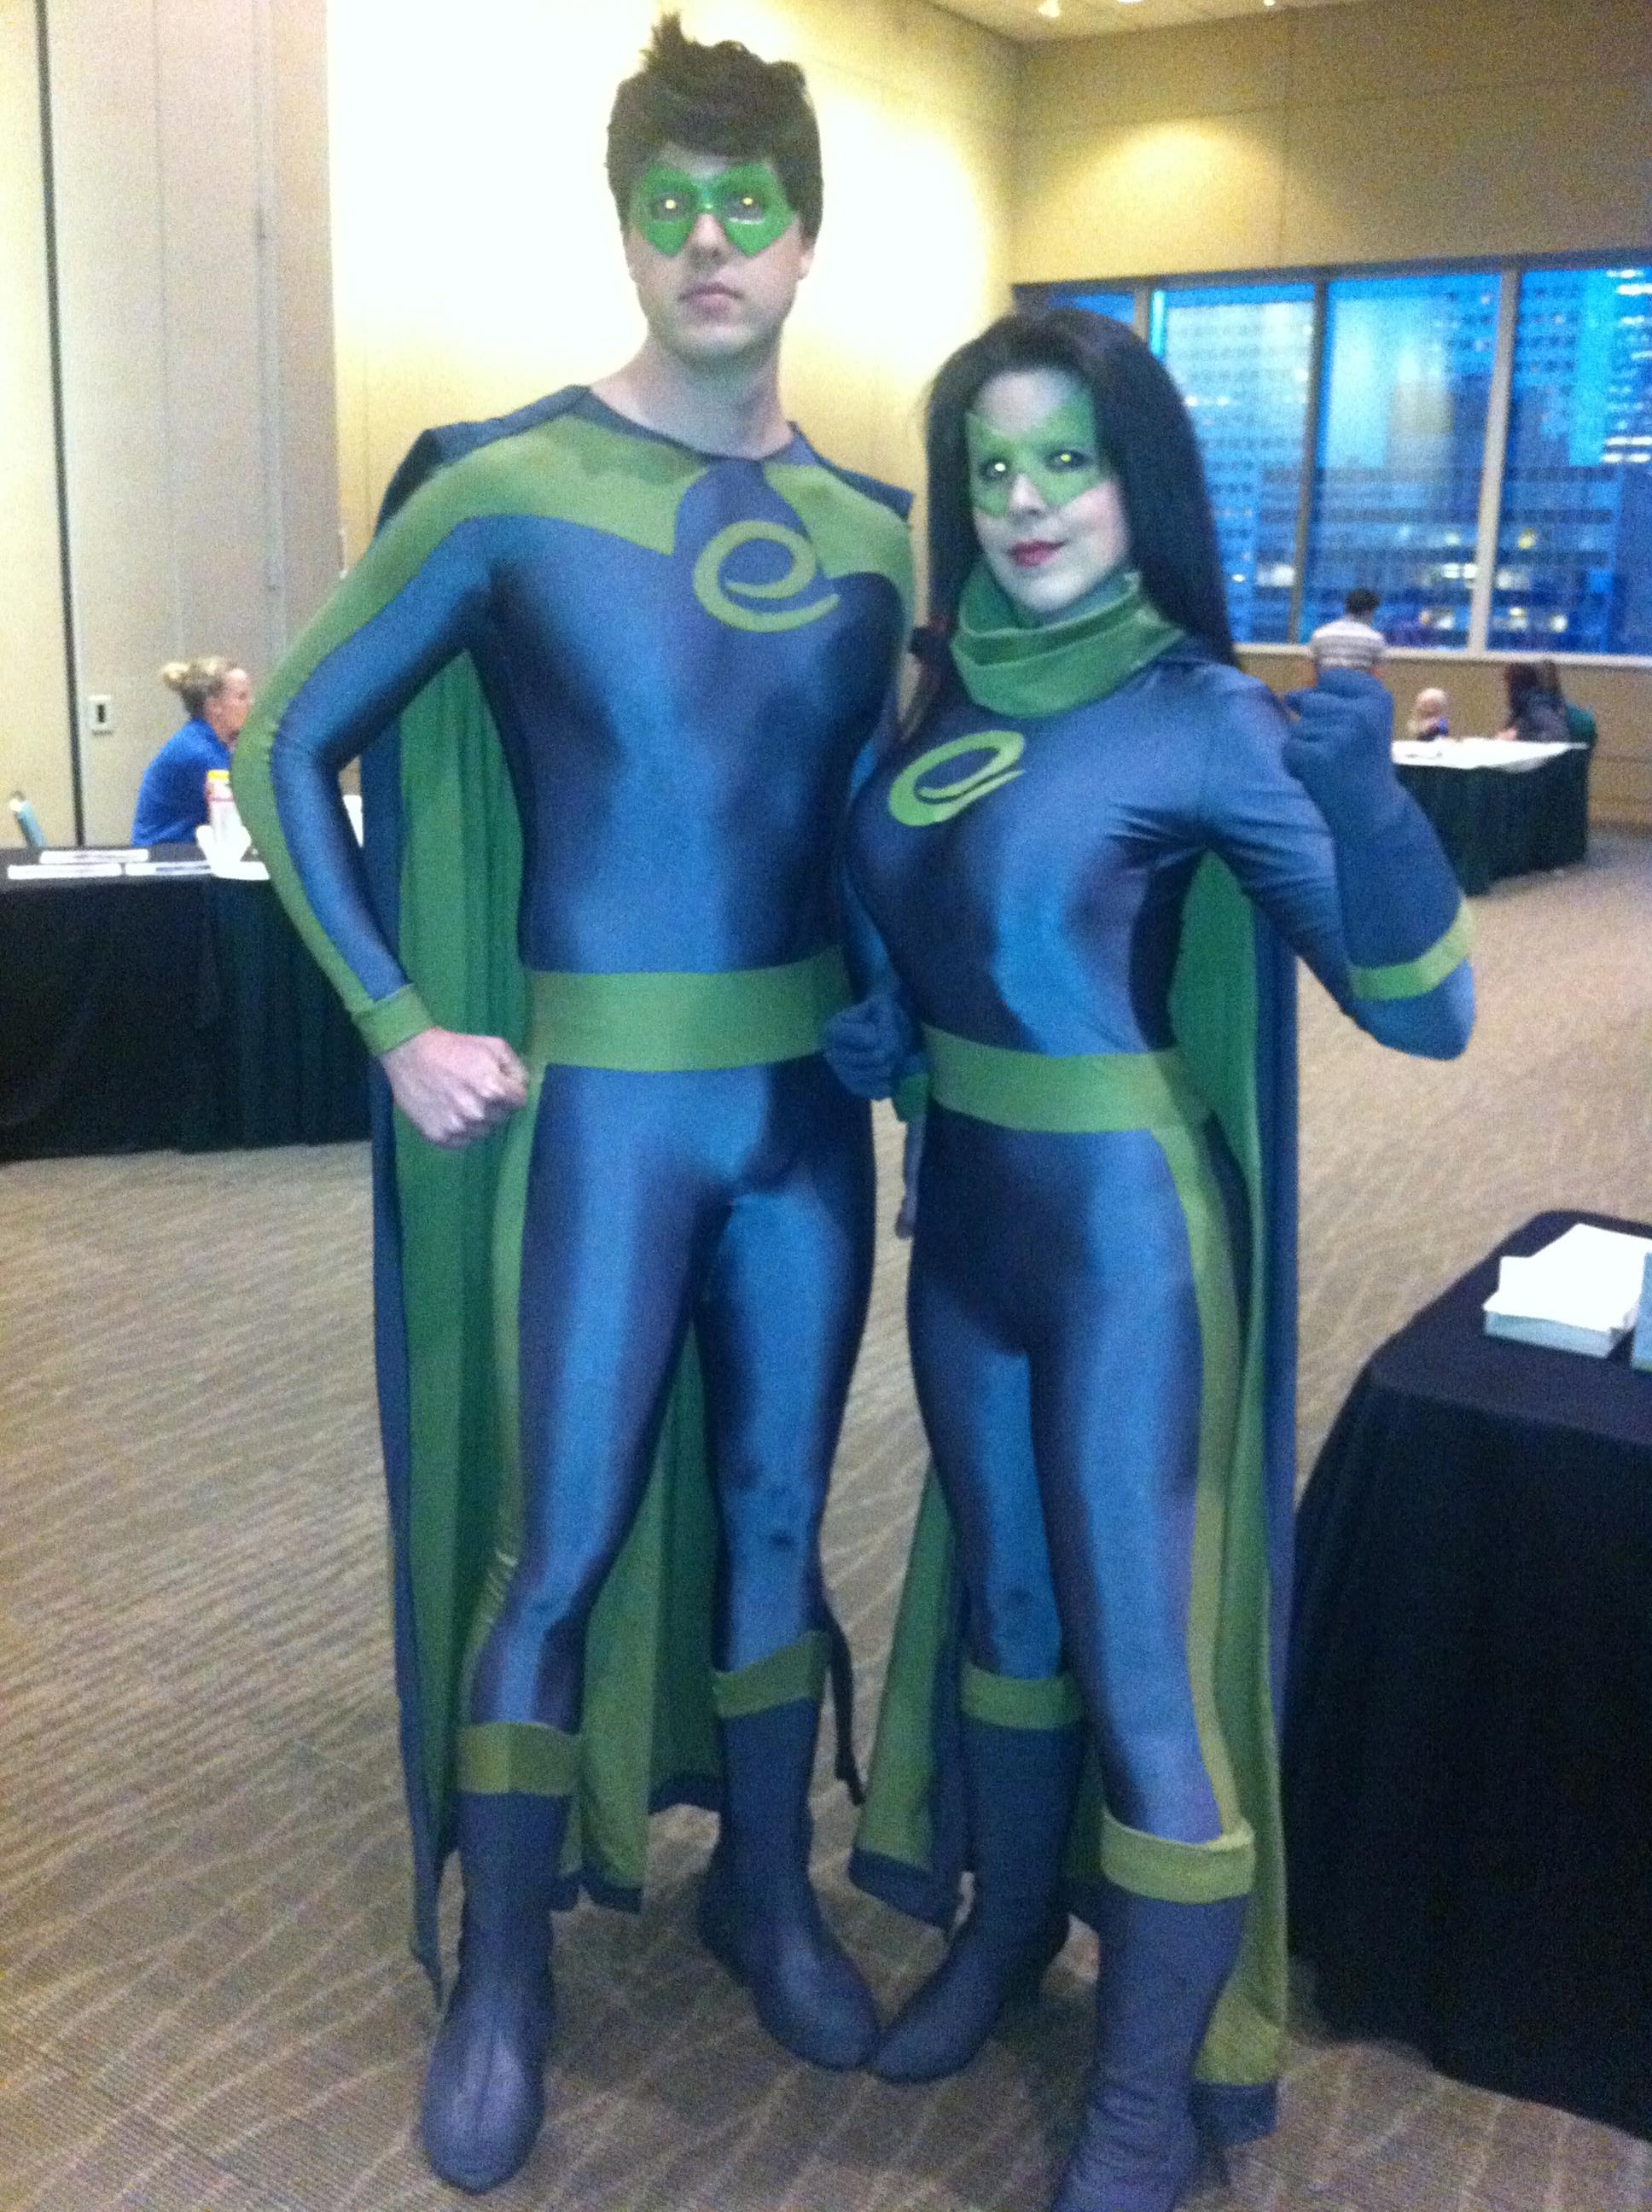 Emerald City ComiCon Mascots